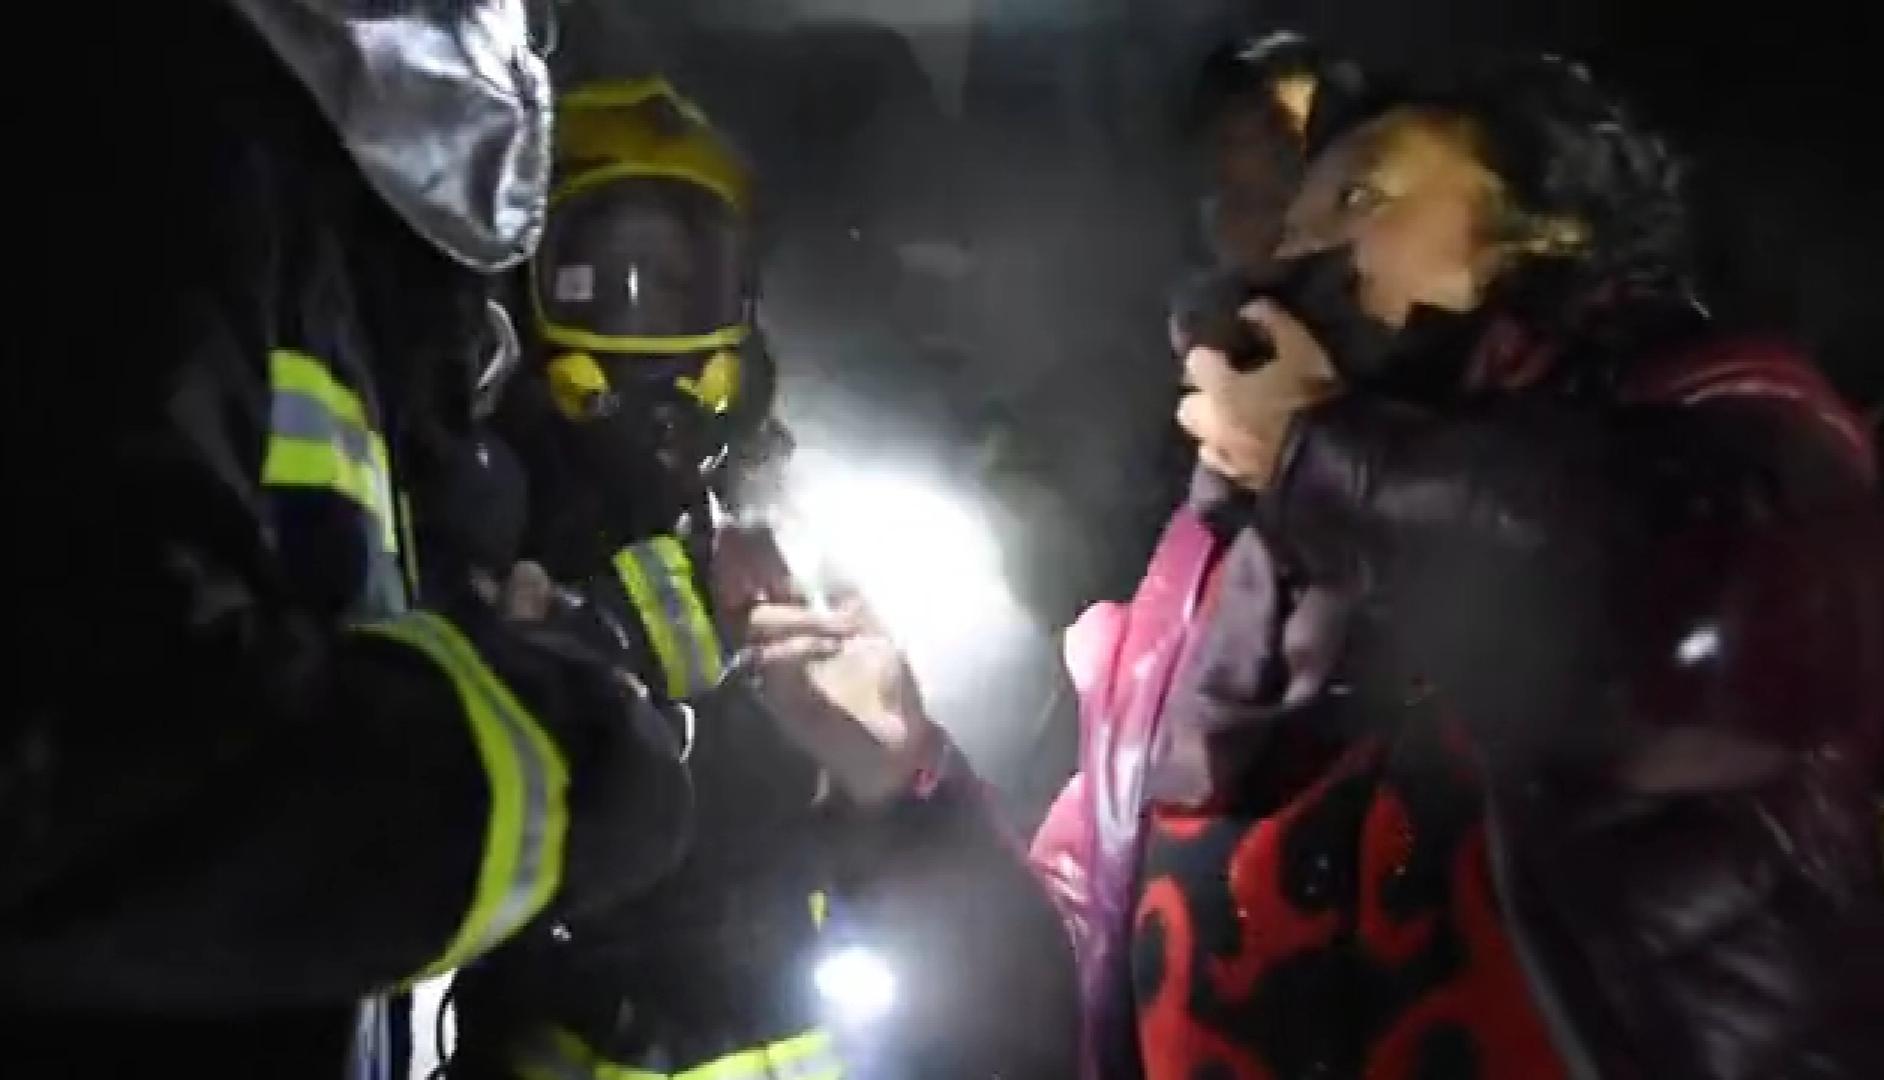 四川一居民樓起火6人獲救 消防員救人後缺氧昏迷